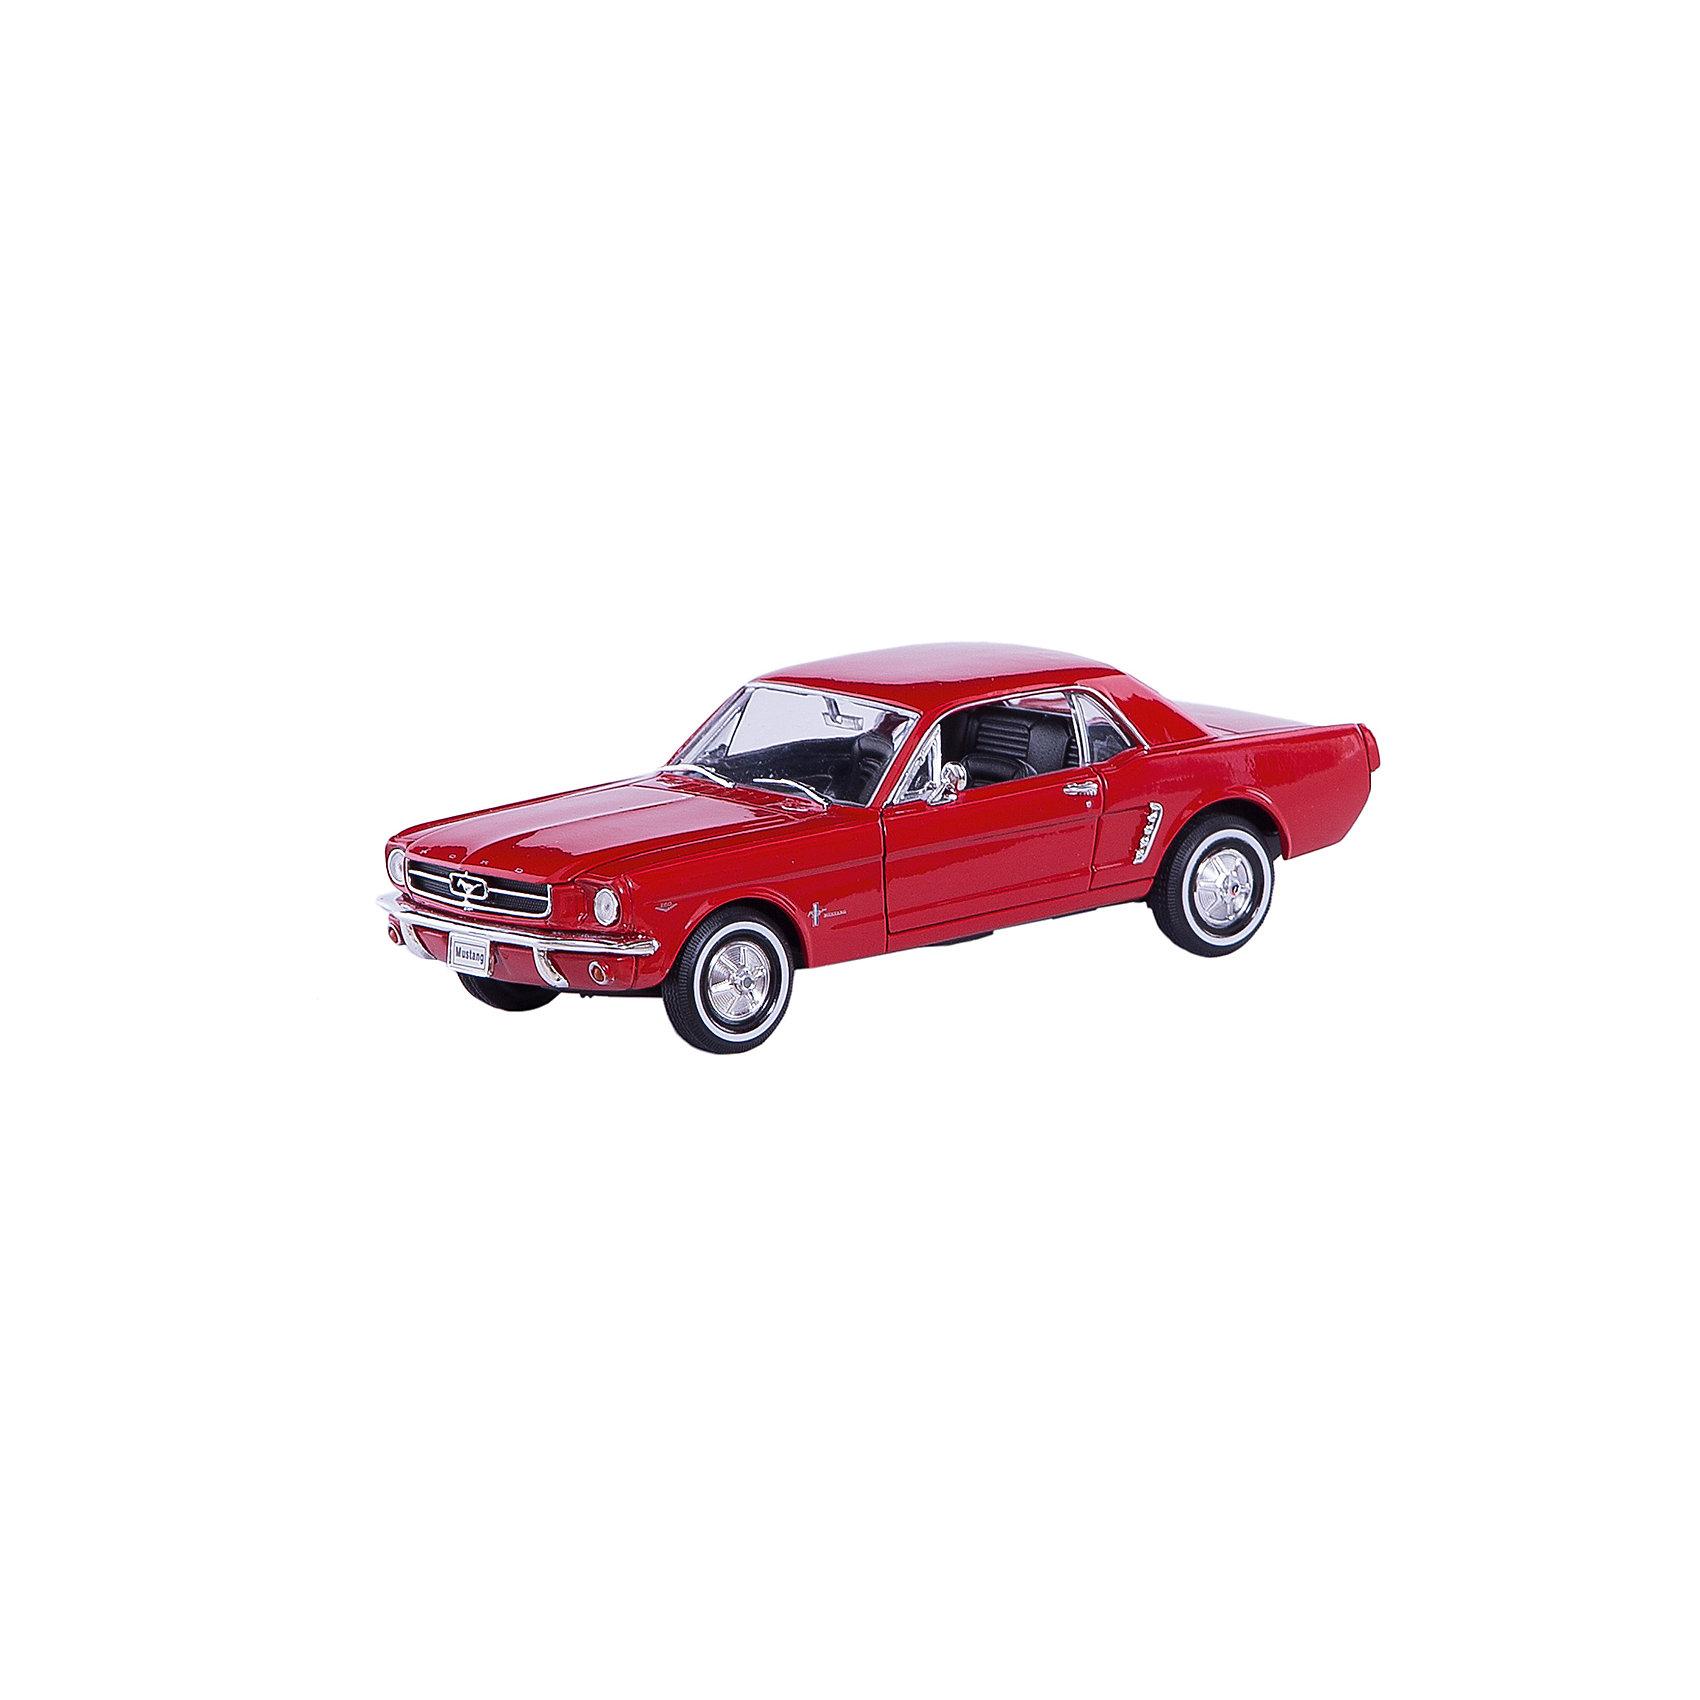 Модель винтажной машины 1:24 Ford Mustang 1964, WellyМодель винтажной машины Ford Mustang 1964 от Welly (Велли) станет замечательным подарком для автолюбителей и коллекционеров всех возрастов. В коллекции масштабных моделей Welly представлено все многообразие автотехники: ретро-автомобили, легковые автомобили различных марок, грузовики, автомобили городских служб и многое другое. Все машинки отличаются высокой степенью детализации и тщательной проработкой всех элементов.<br><br>Форд Мустанг 1964 года - это копия настоящего ретро-автомобиля Ford Mustang 1964 в масштабе 1:24. Автомобиль купе Ford Mustang был выпущен в 1964 году в США и представлен на Всемирной выставке в Нью-Йорке. Модель от Welly оснащена прочными стеклами, интерьер салона, органы управления и двигатель тщательно проработаны.<br>Двери и капот открываются, а колеса можно поворачивать с помощью руля. Корпус машинки выполнен из металла, а отделка салона и декоративные элементы из пластика.<br><br>Дополнительная информация:<br><br>- Материал: металл, пластик, колеса прорезиненные.<br>- Масштаб: 1:24.<br>- Размер модели: 7 х 19 х 6 см.<br>- Размер упаковки: 11 х 23 х 10 см.<br>- Вес: 0,6 кг. <br><br>Модель винтажной машины Ford Mustang 1964, Welly можно купить в нашем интернет-магазине.<br><br>Ширина мм: 230<br>Глубина мм: 110<br>Высота мм: 110<br>Вес г: 586<br>Возраст от месяцев: 36<br>Возраст до месяцев: 192<br>Пол: Мужской<br>Возраст: Детский<br>SKU: 3777883